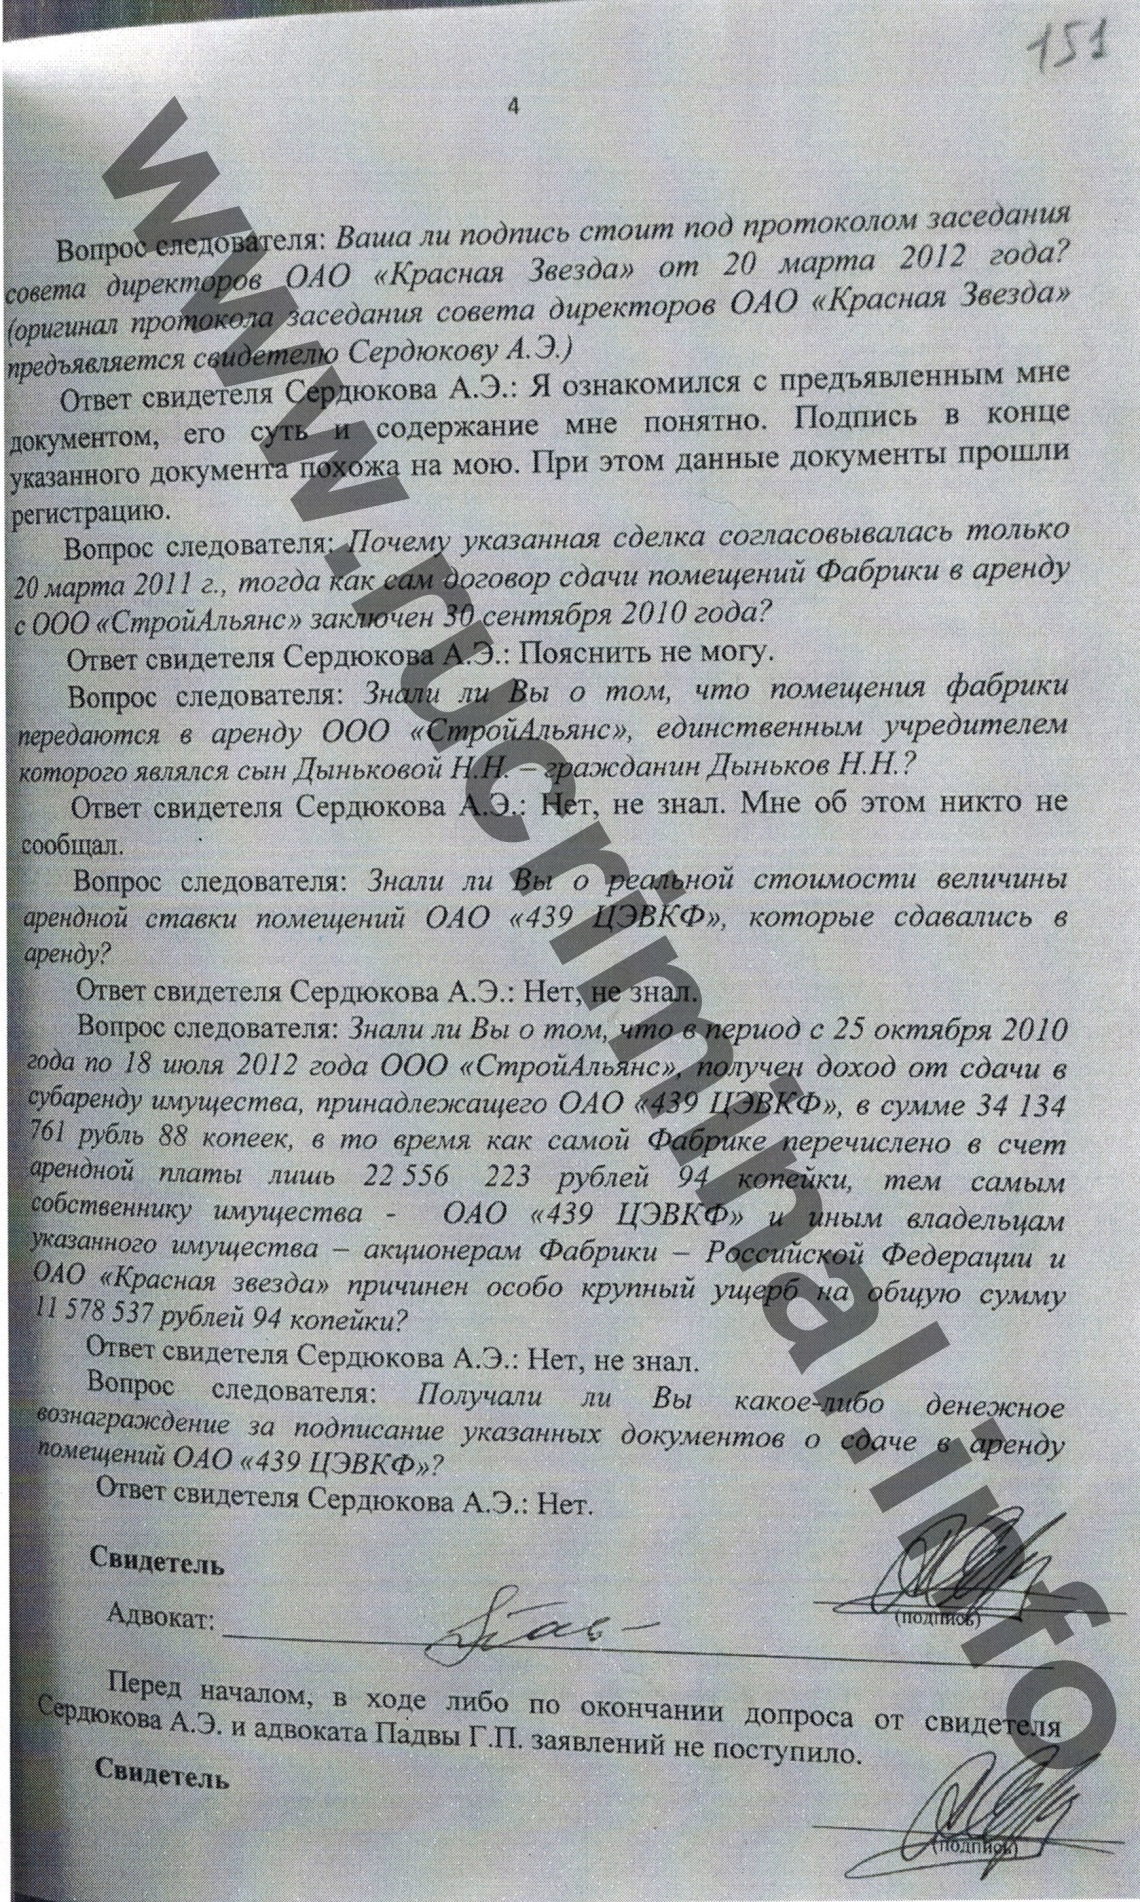 Сердюков: «Похищенные средства Минобороны? Пояснить не могу»